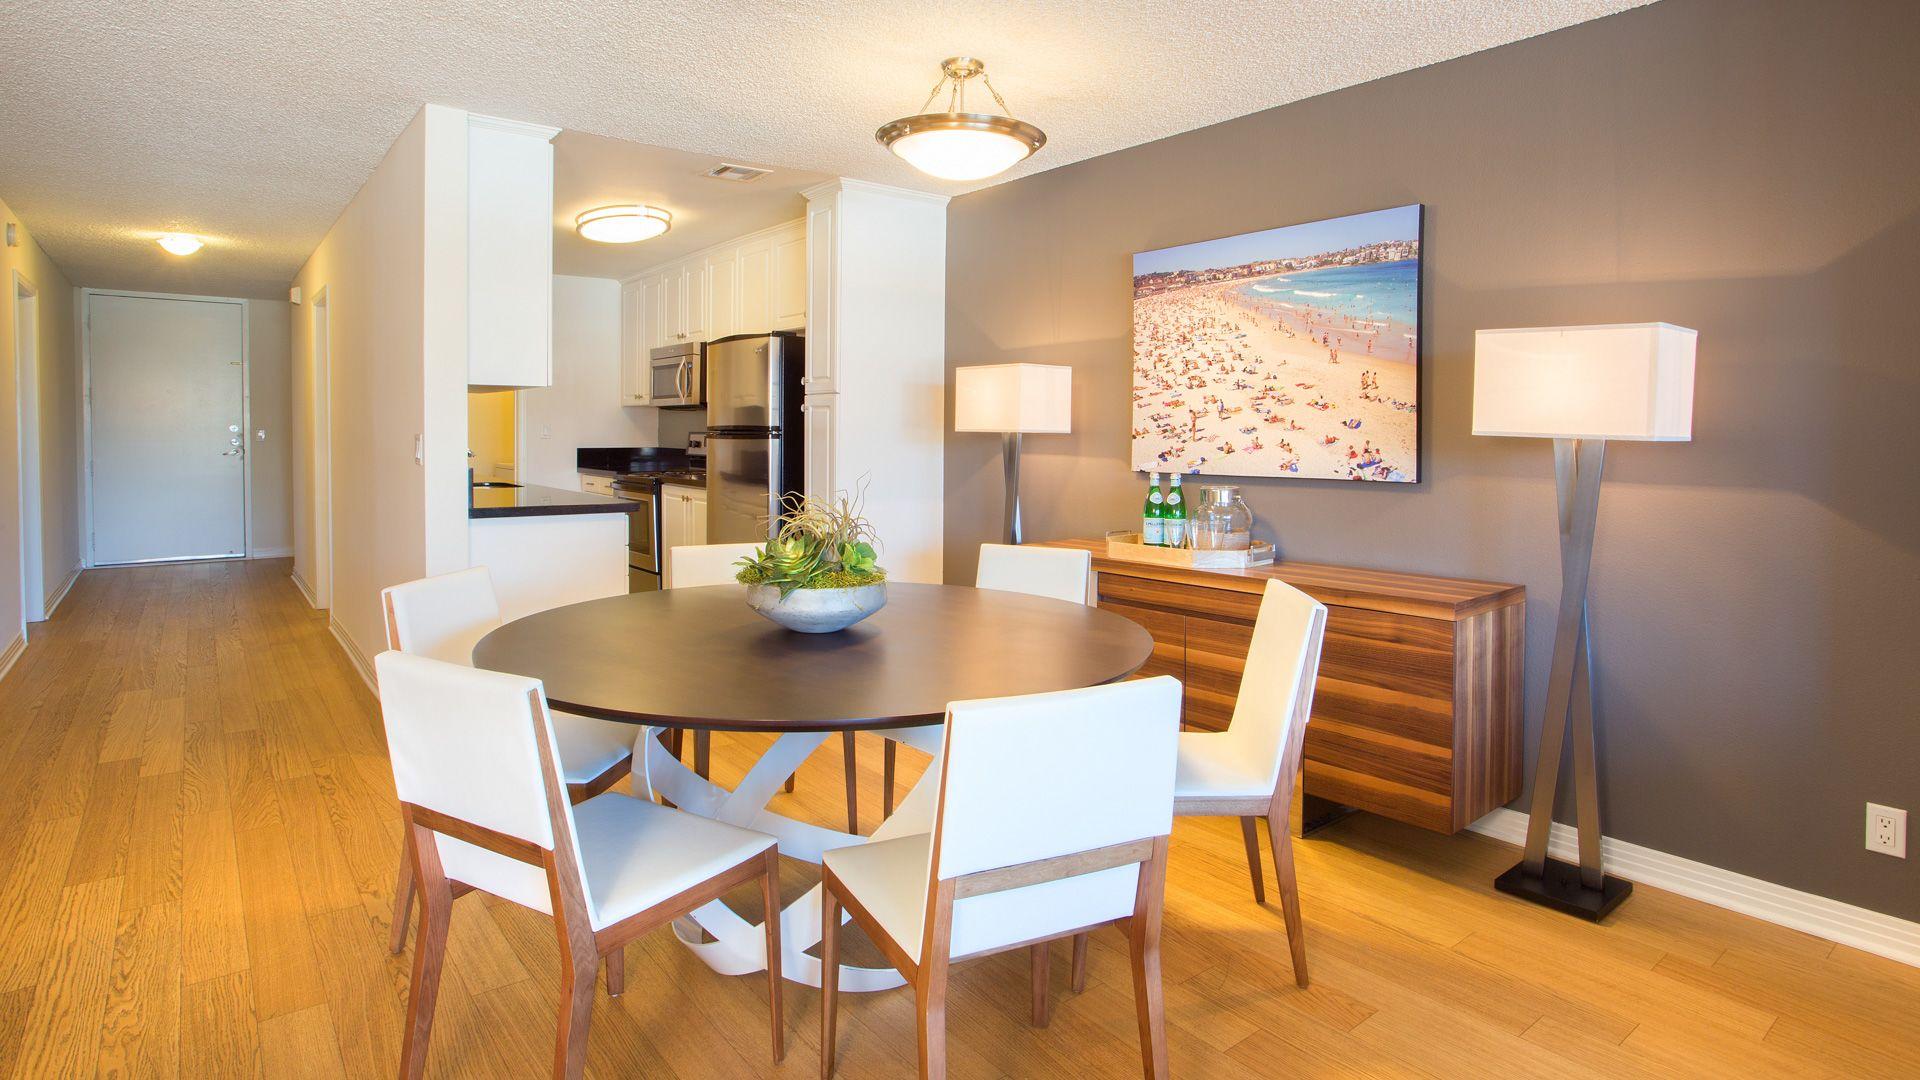 Marina 41 Apartments - Dining Room